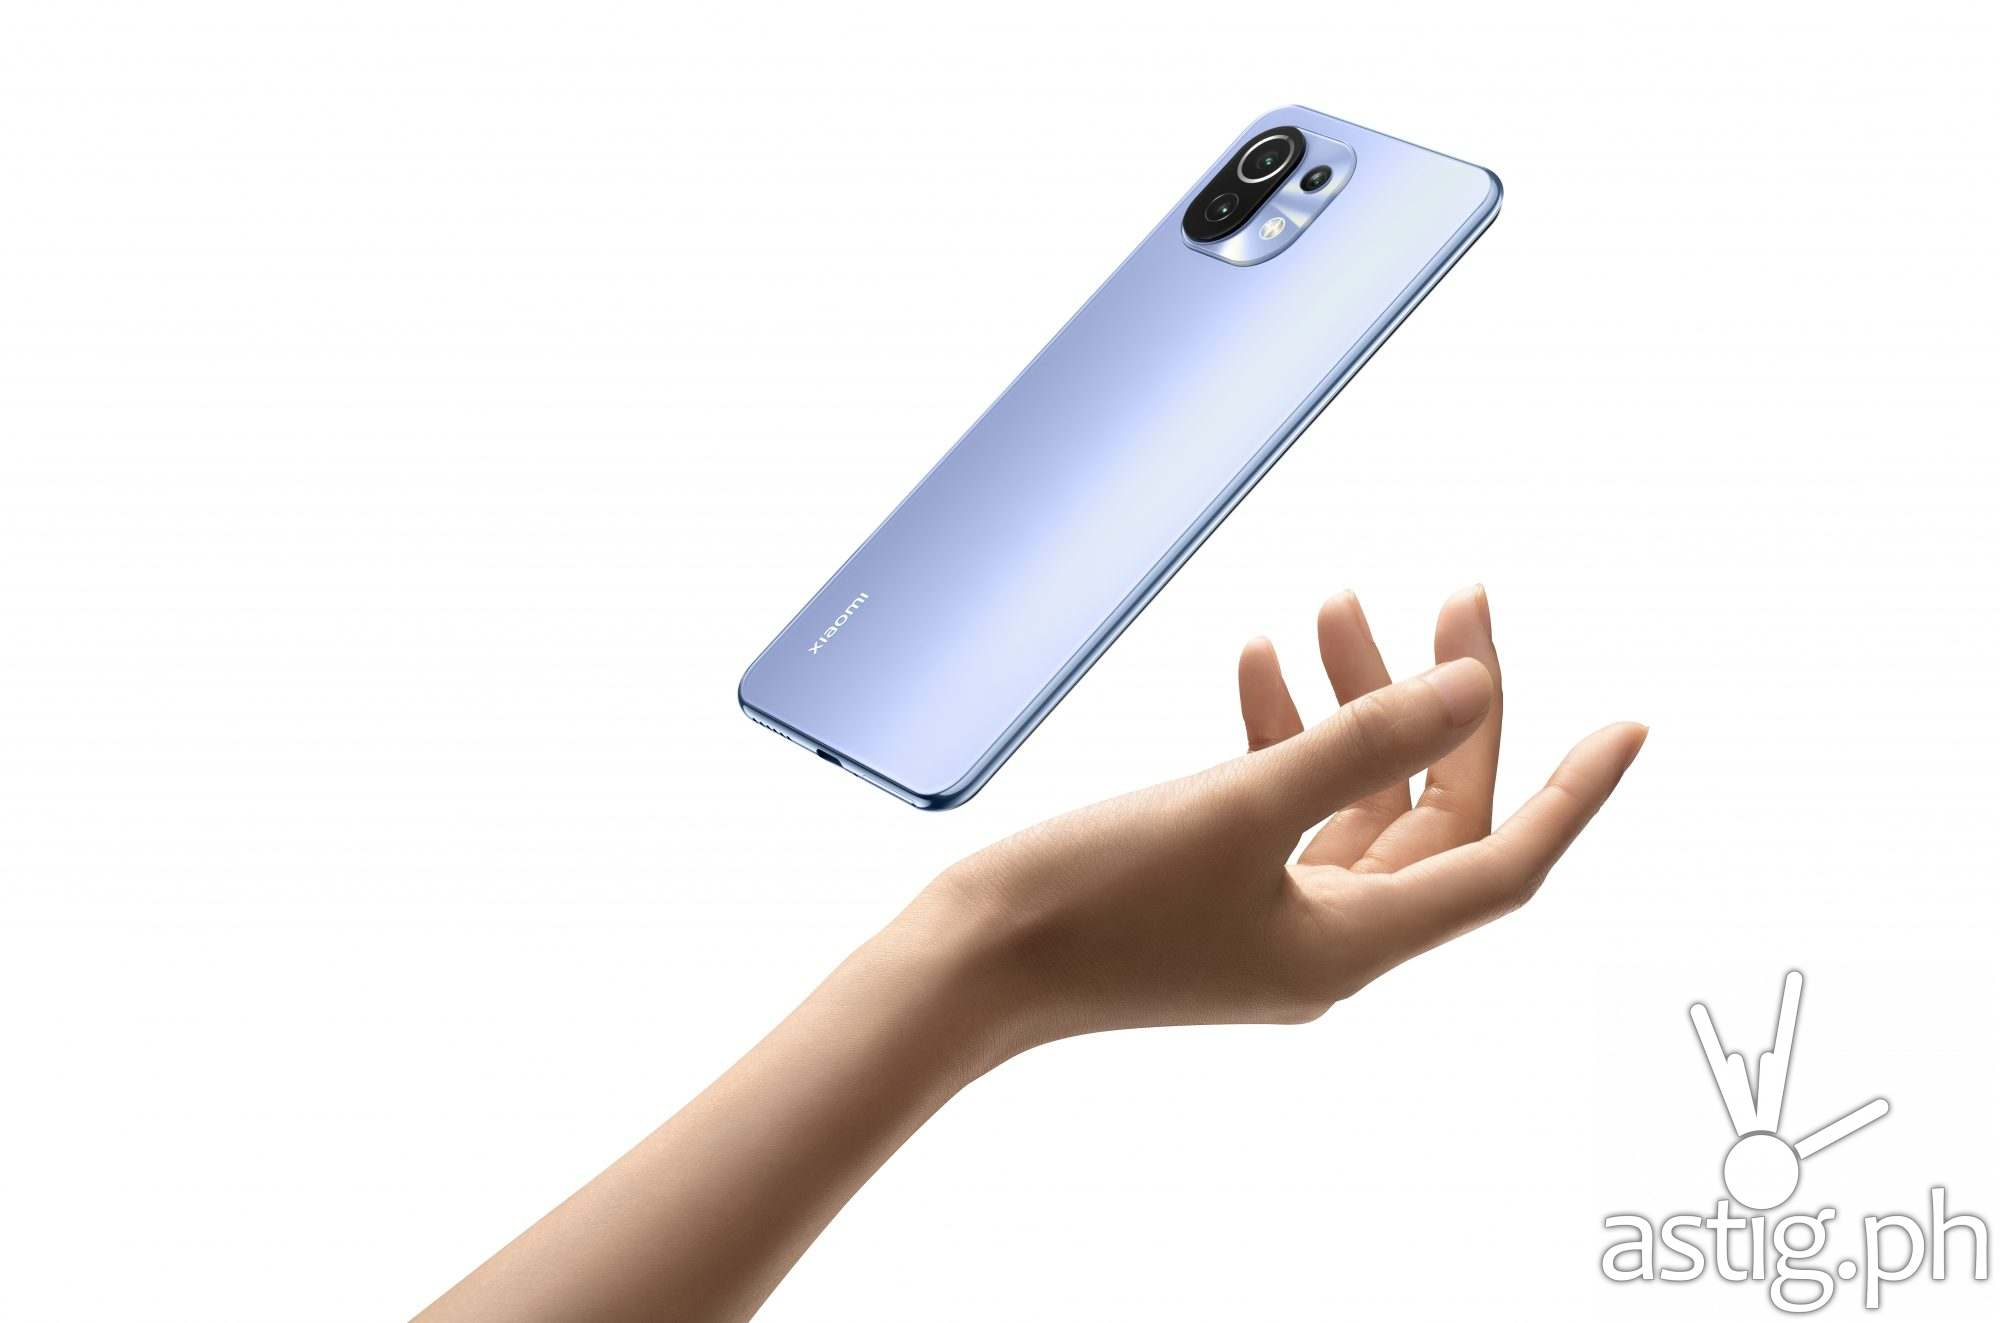 Xiaomi Mi 11 Lite (Philippines)